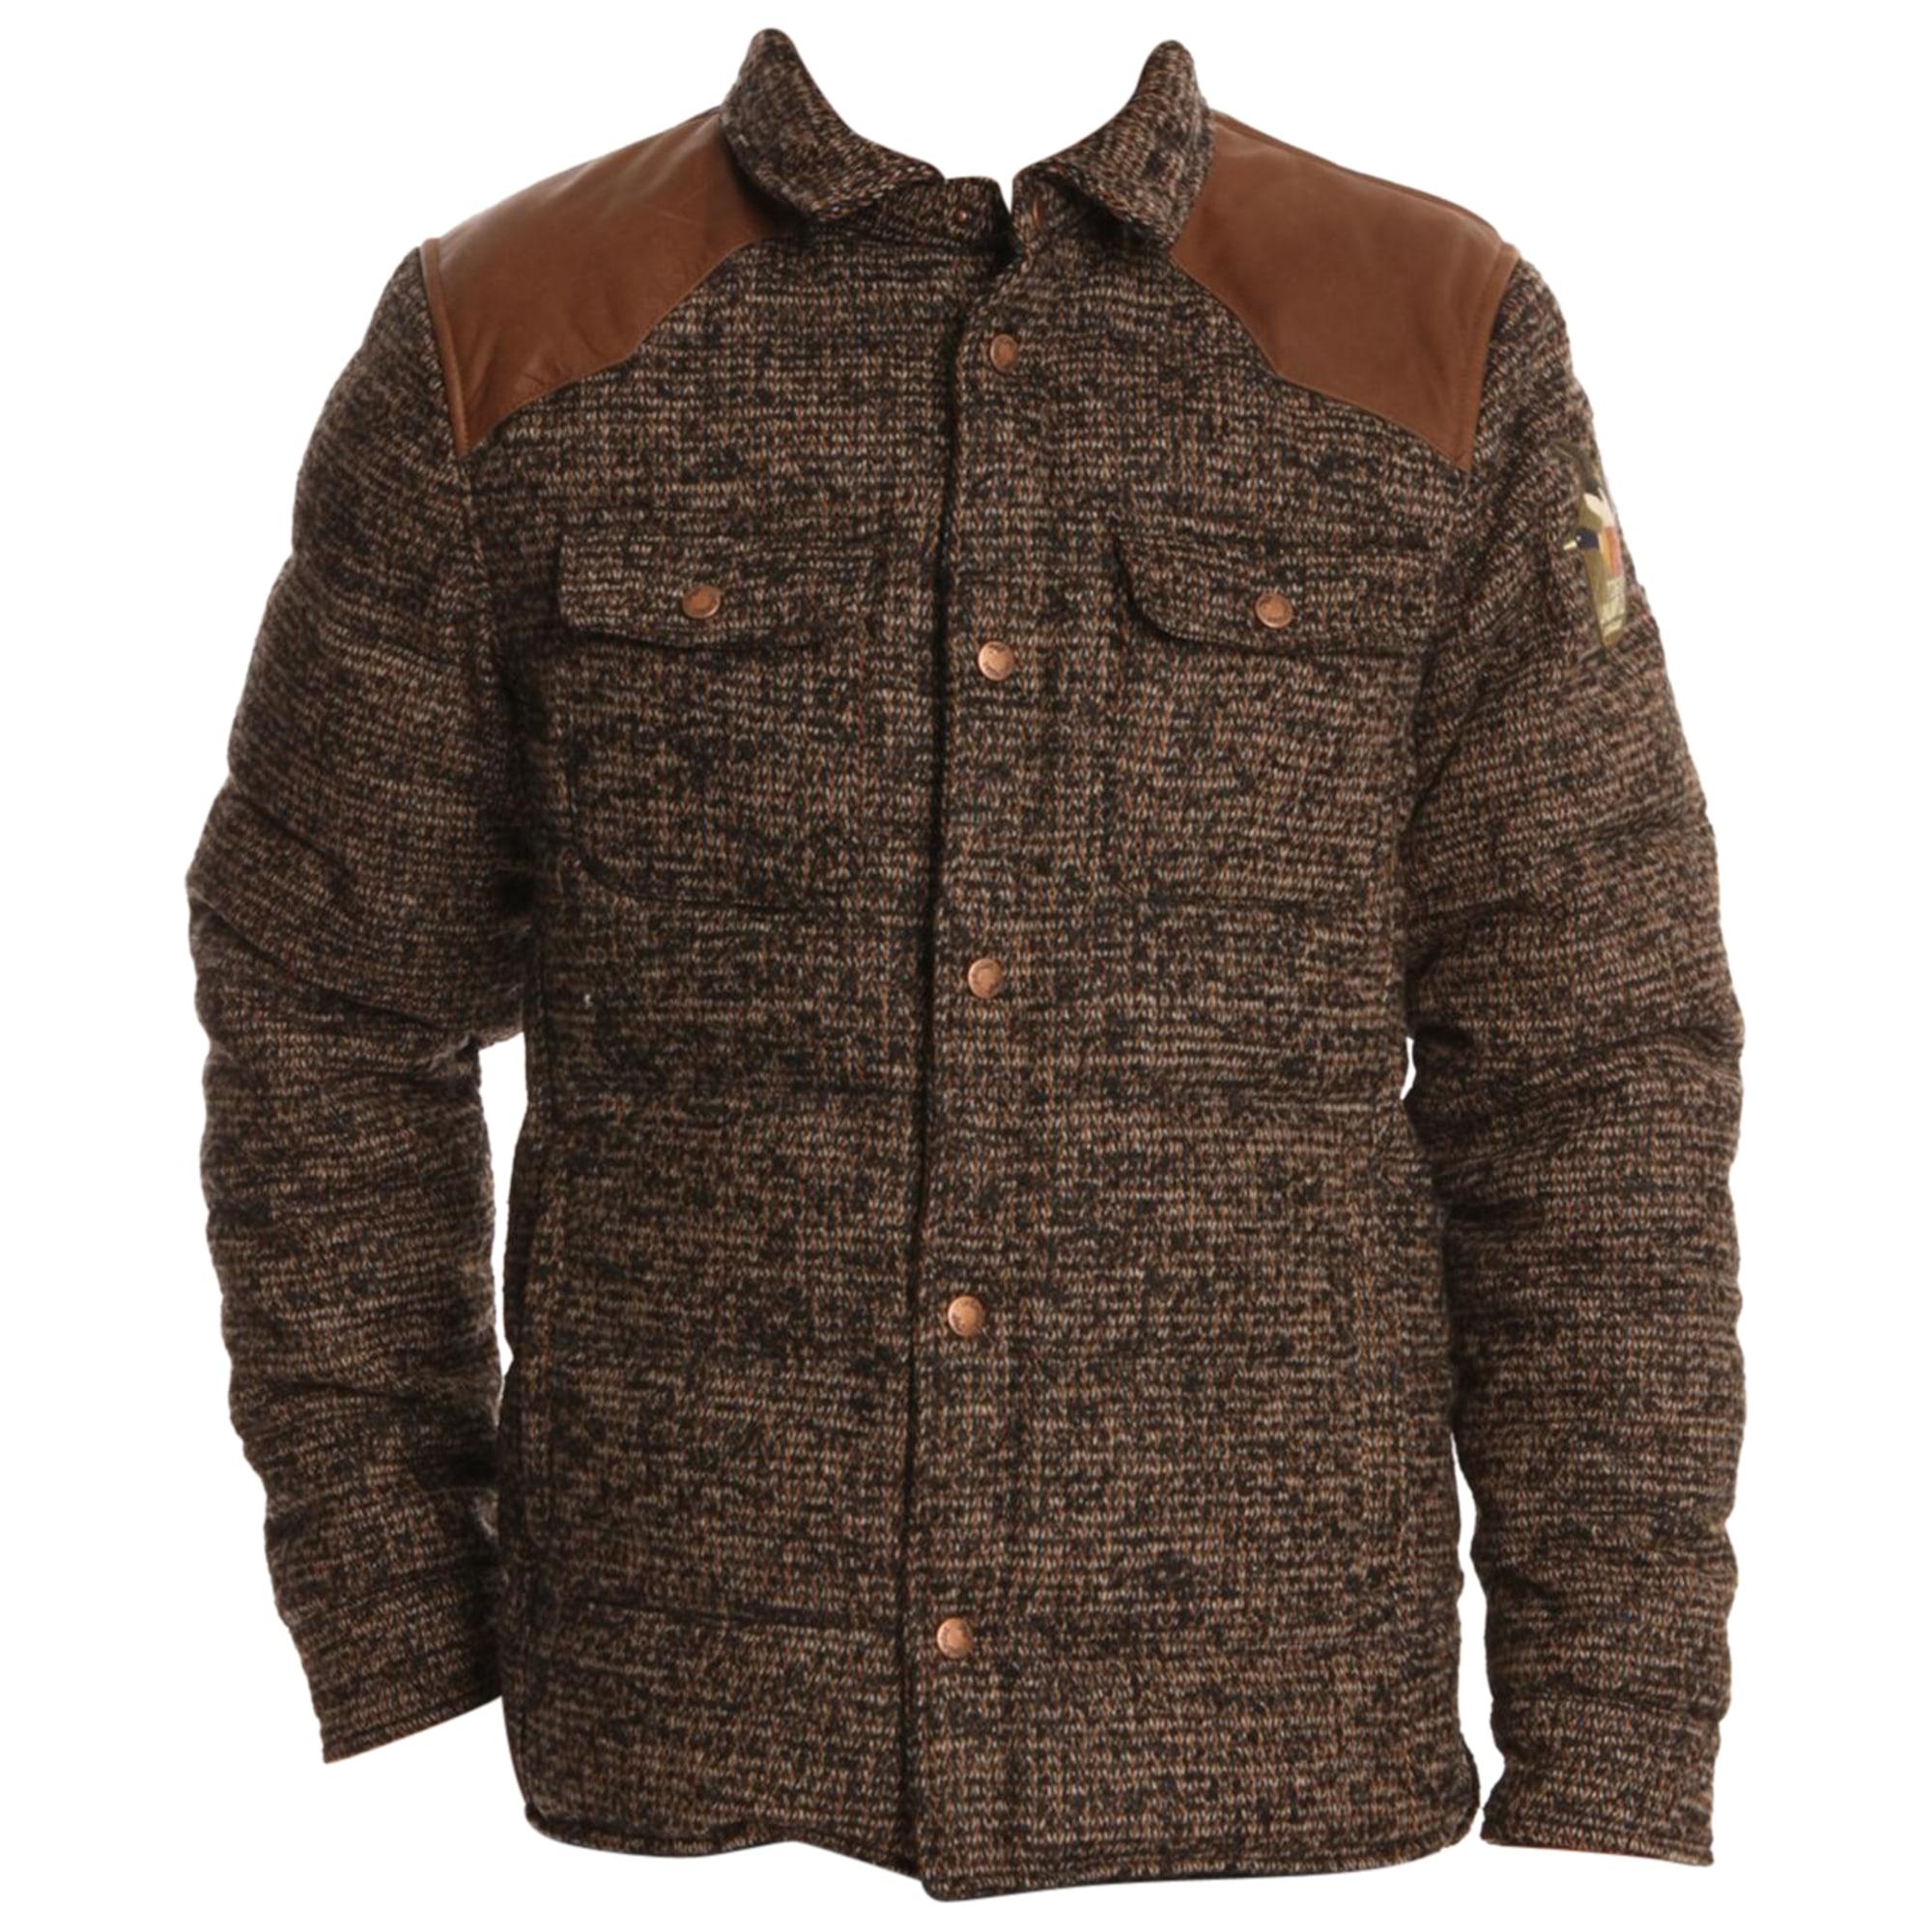 bc3f2cf329a56b Doudoune CHEVIGNON 58 (XL) marron vendu par Fashion collector ...